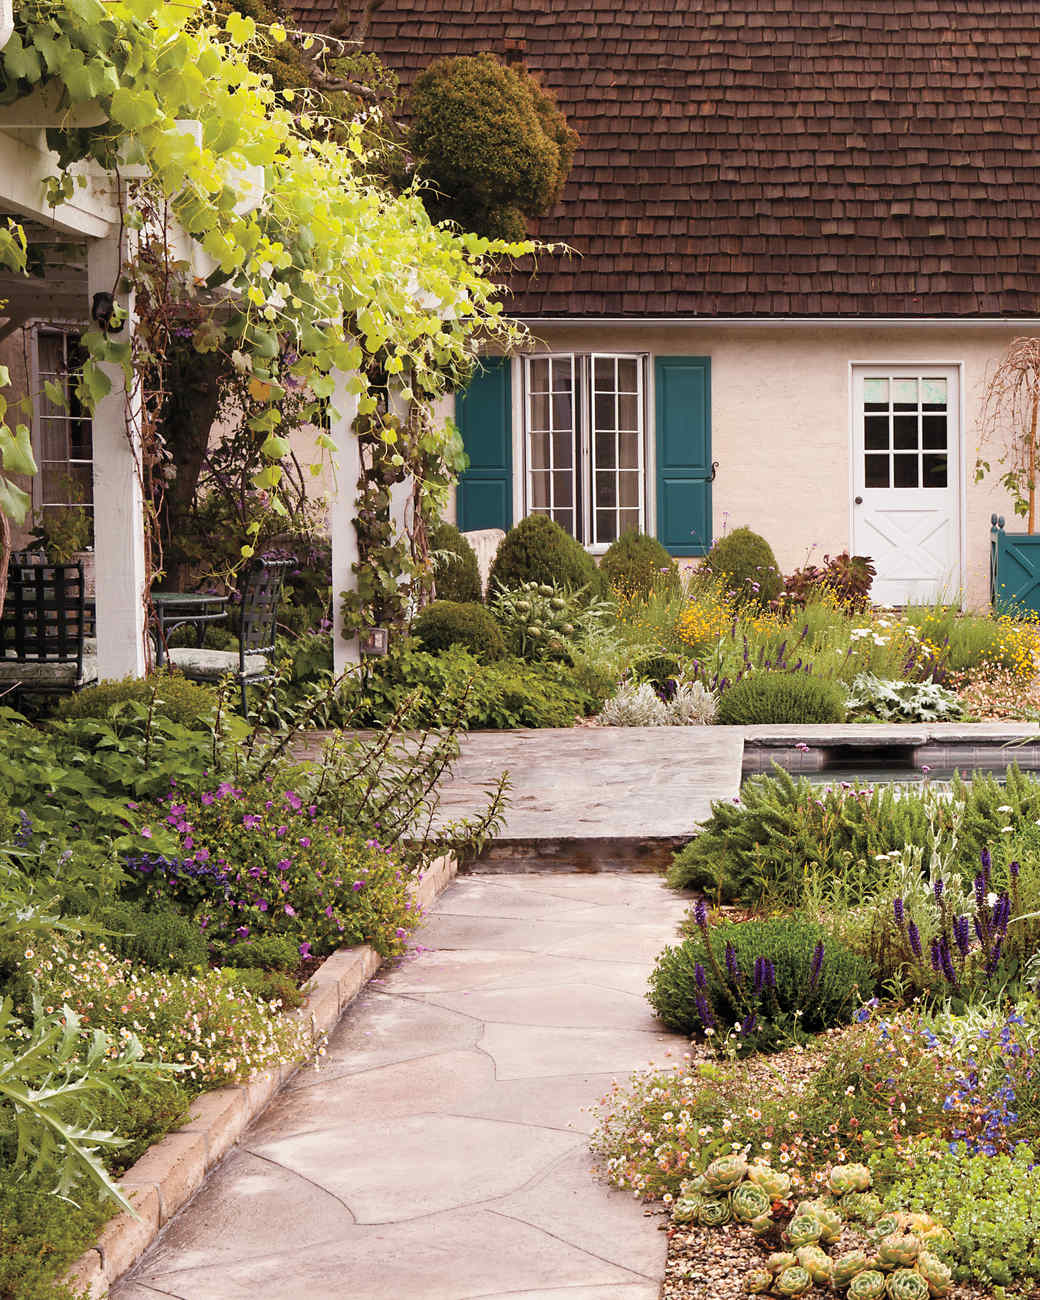 nash-garden-d108835-120423-0018.jpg